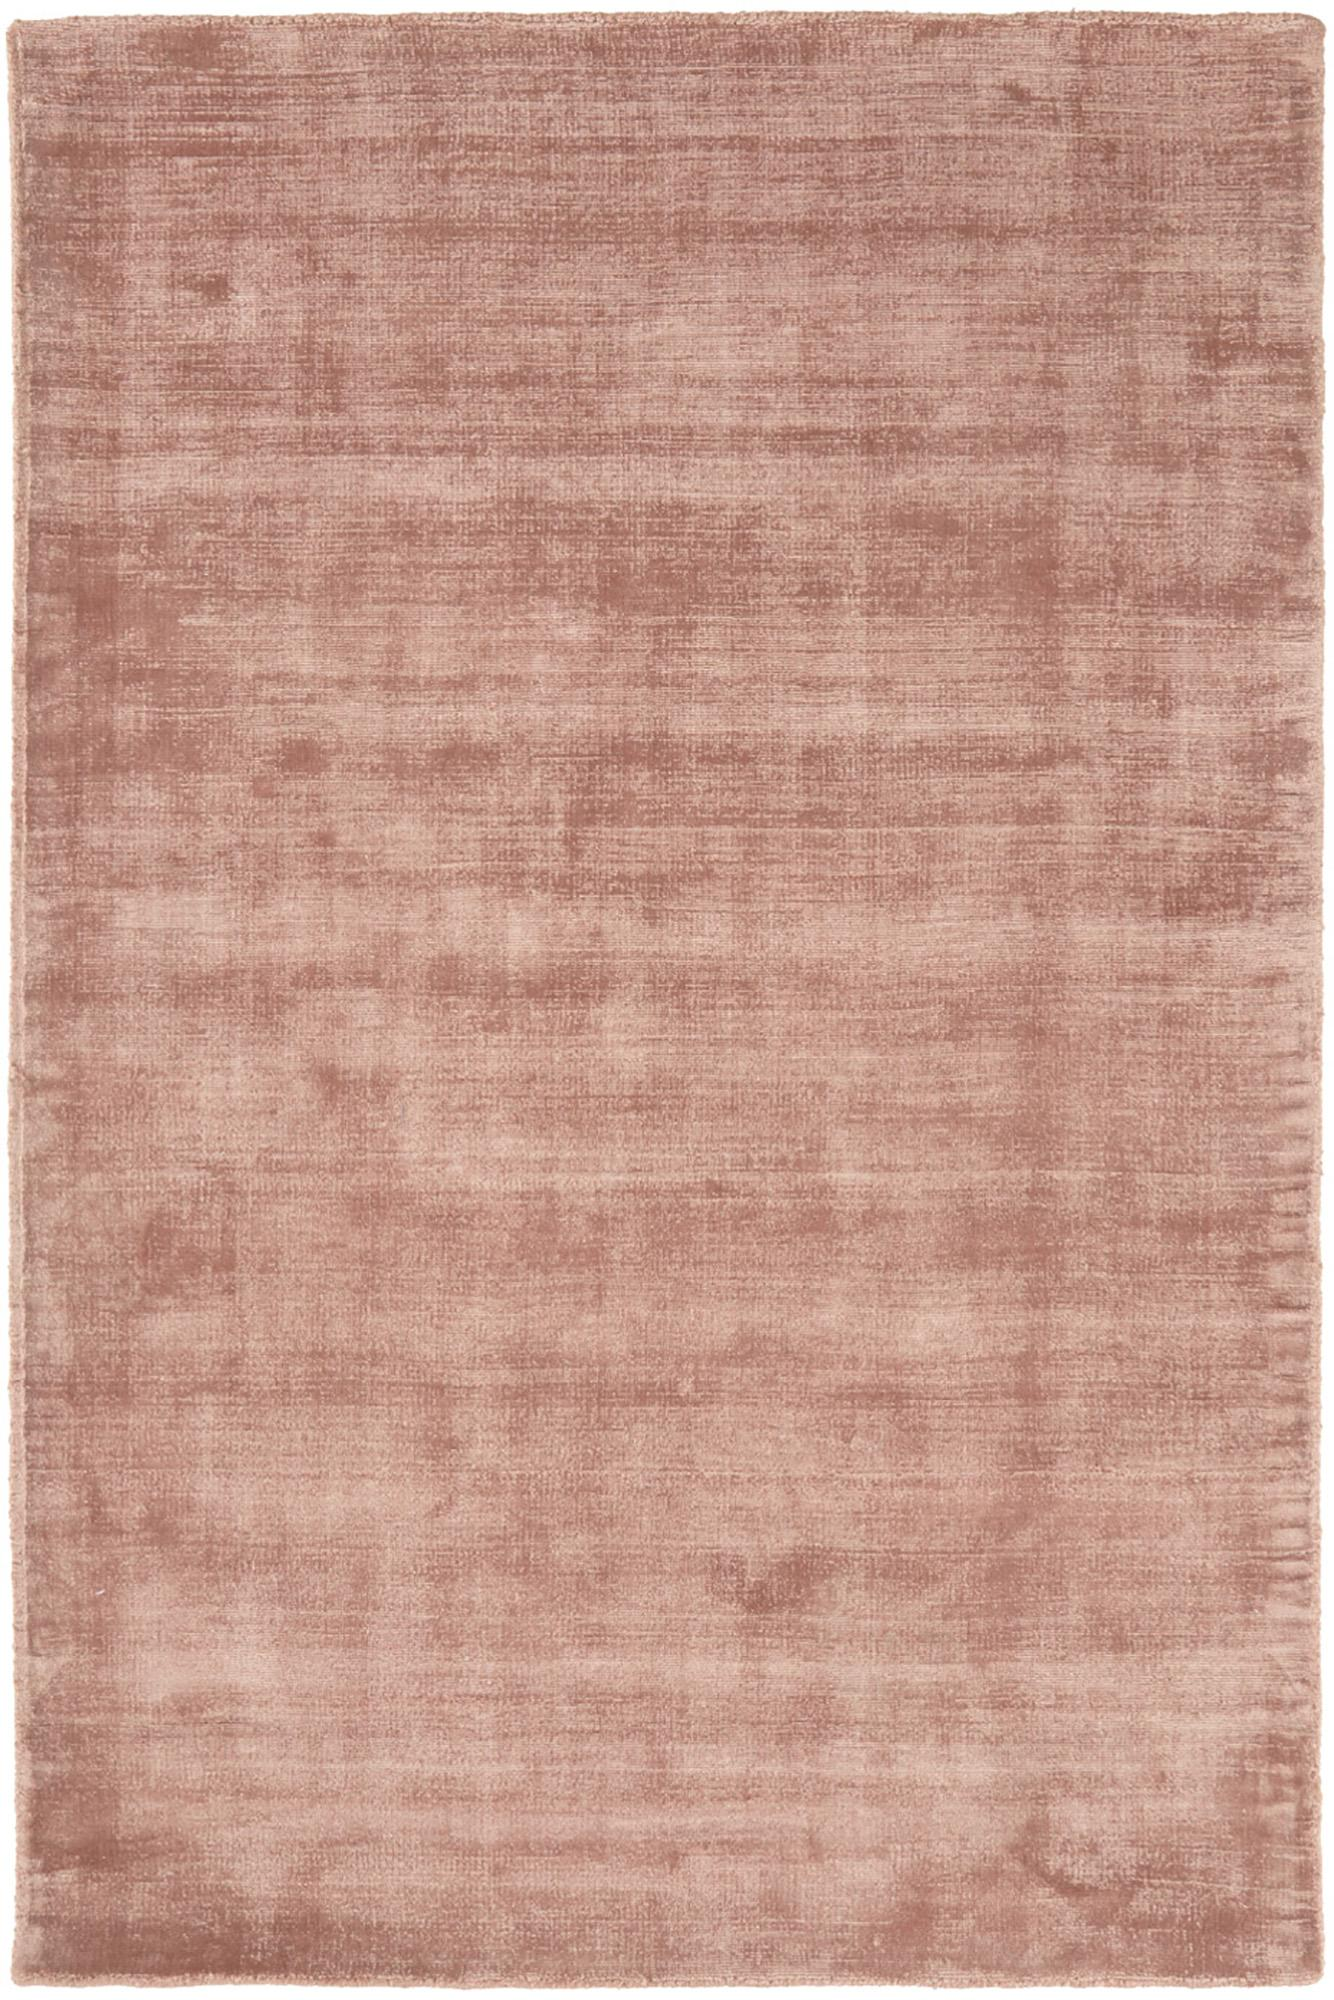 Tappeto in viscosa tessuto a mano Jane, Retro: 100% cotone, Terracotta, Larg. 120 x Lung. 180 cm (taglia S)